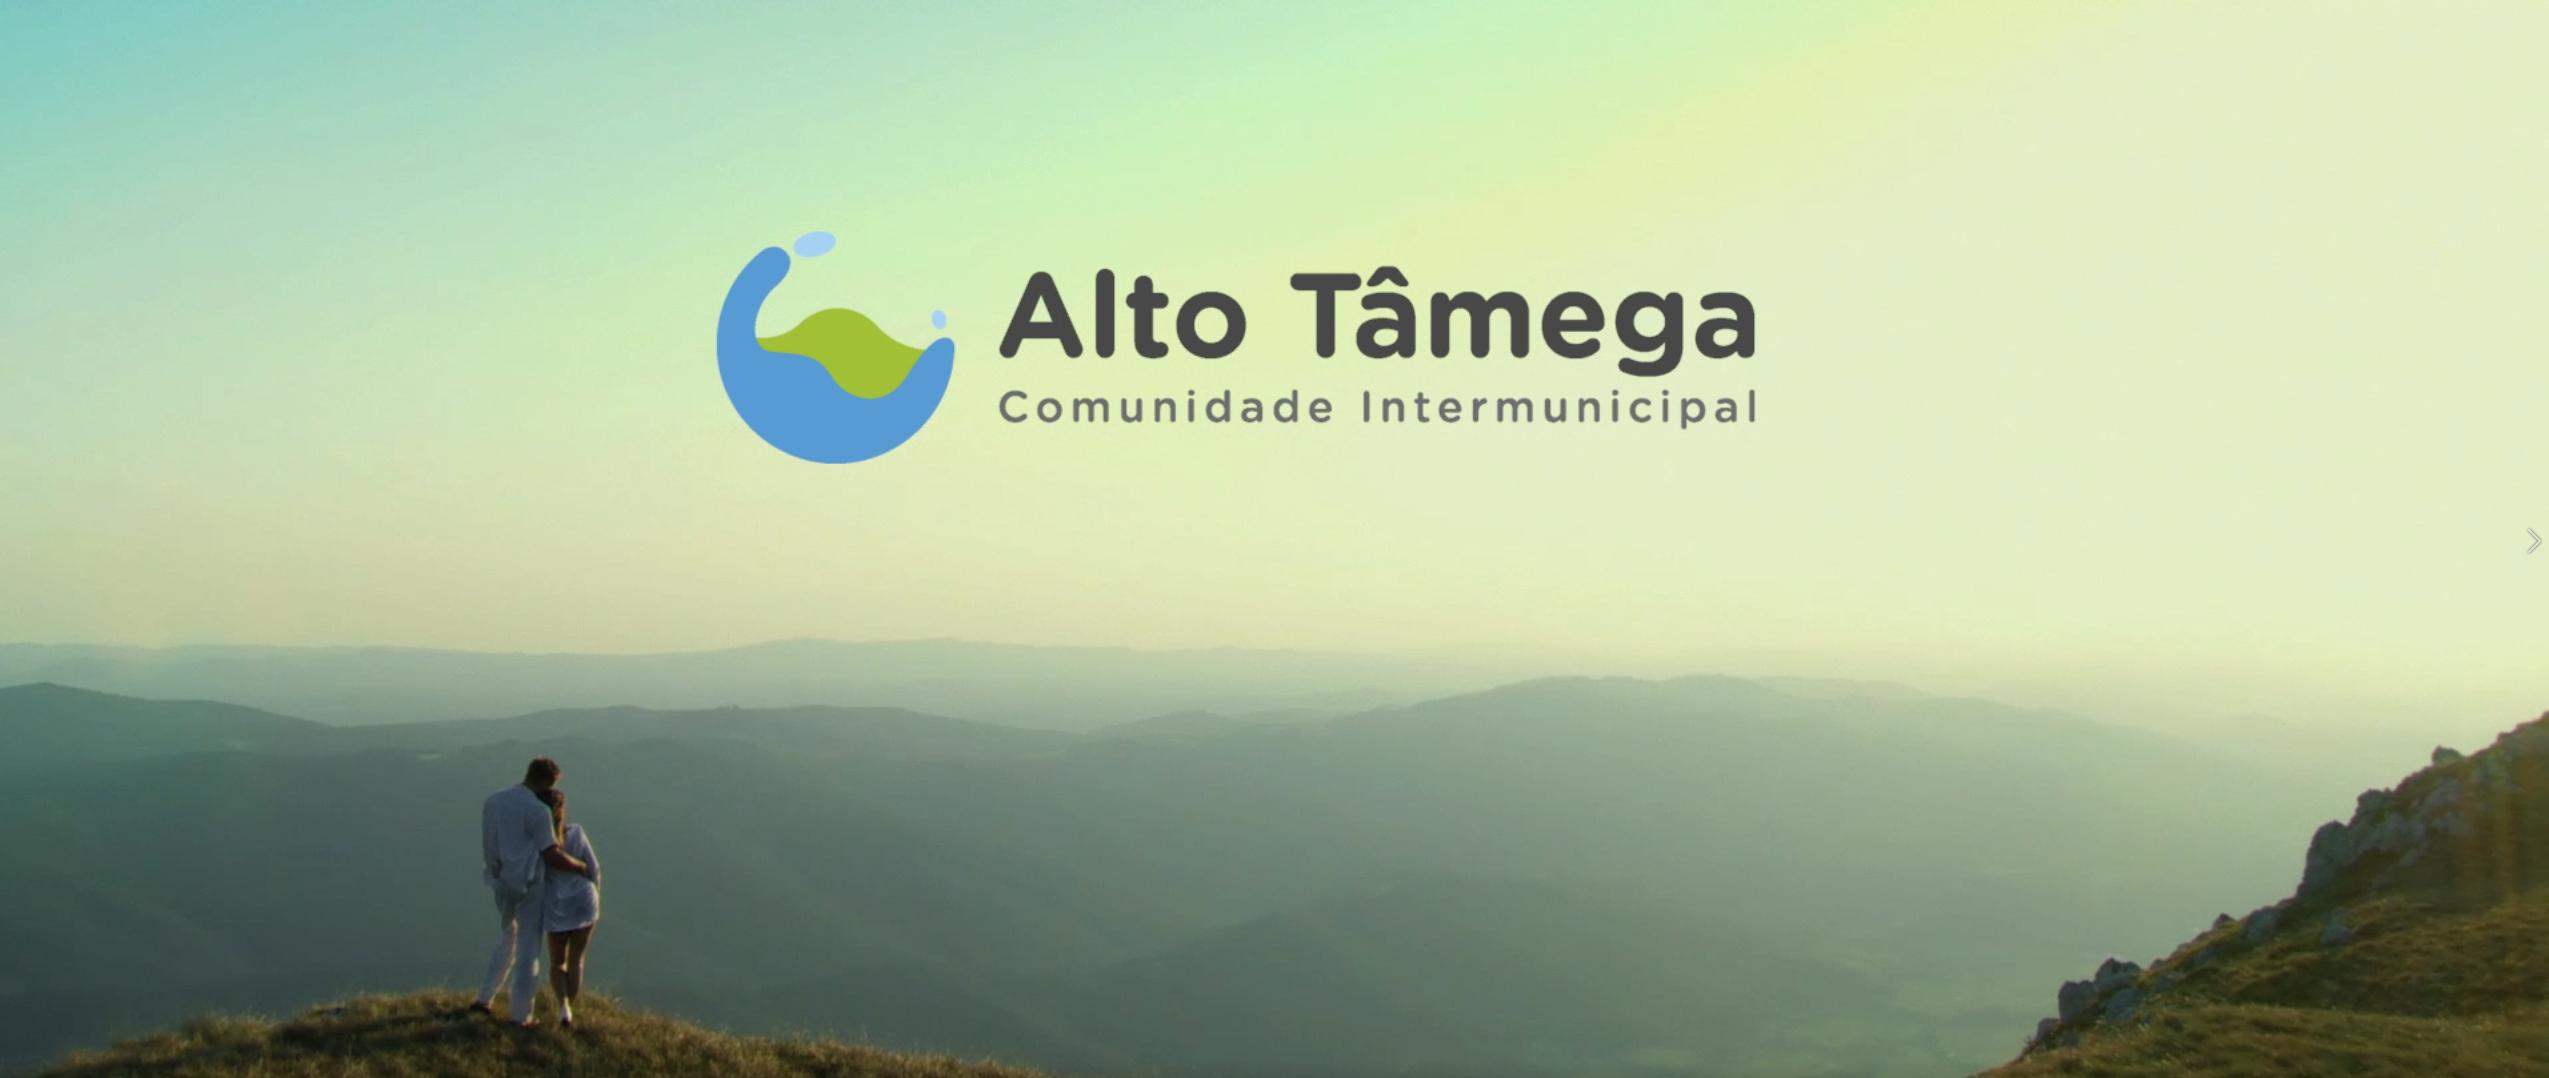 """Vídeo """"Vamos Vencer Juntos"""" da CIM Alto Tâmega é sucesso nas redes sociais"""